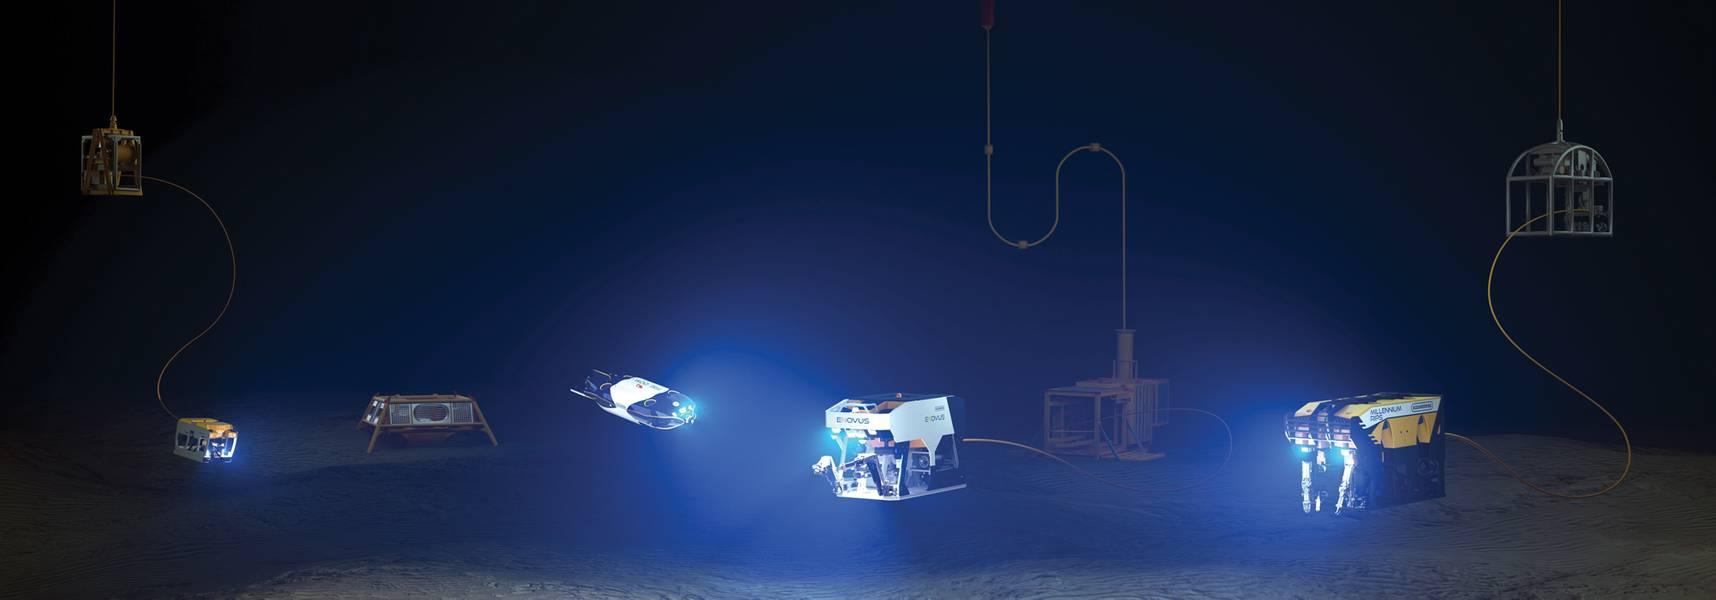 La línea ROV de Oceaneering con los vehículos de próxima generación Freedom y E-ROV incluidos. Cortesía de Oceaneering International